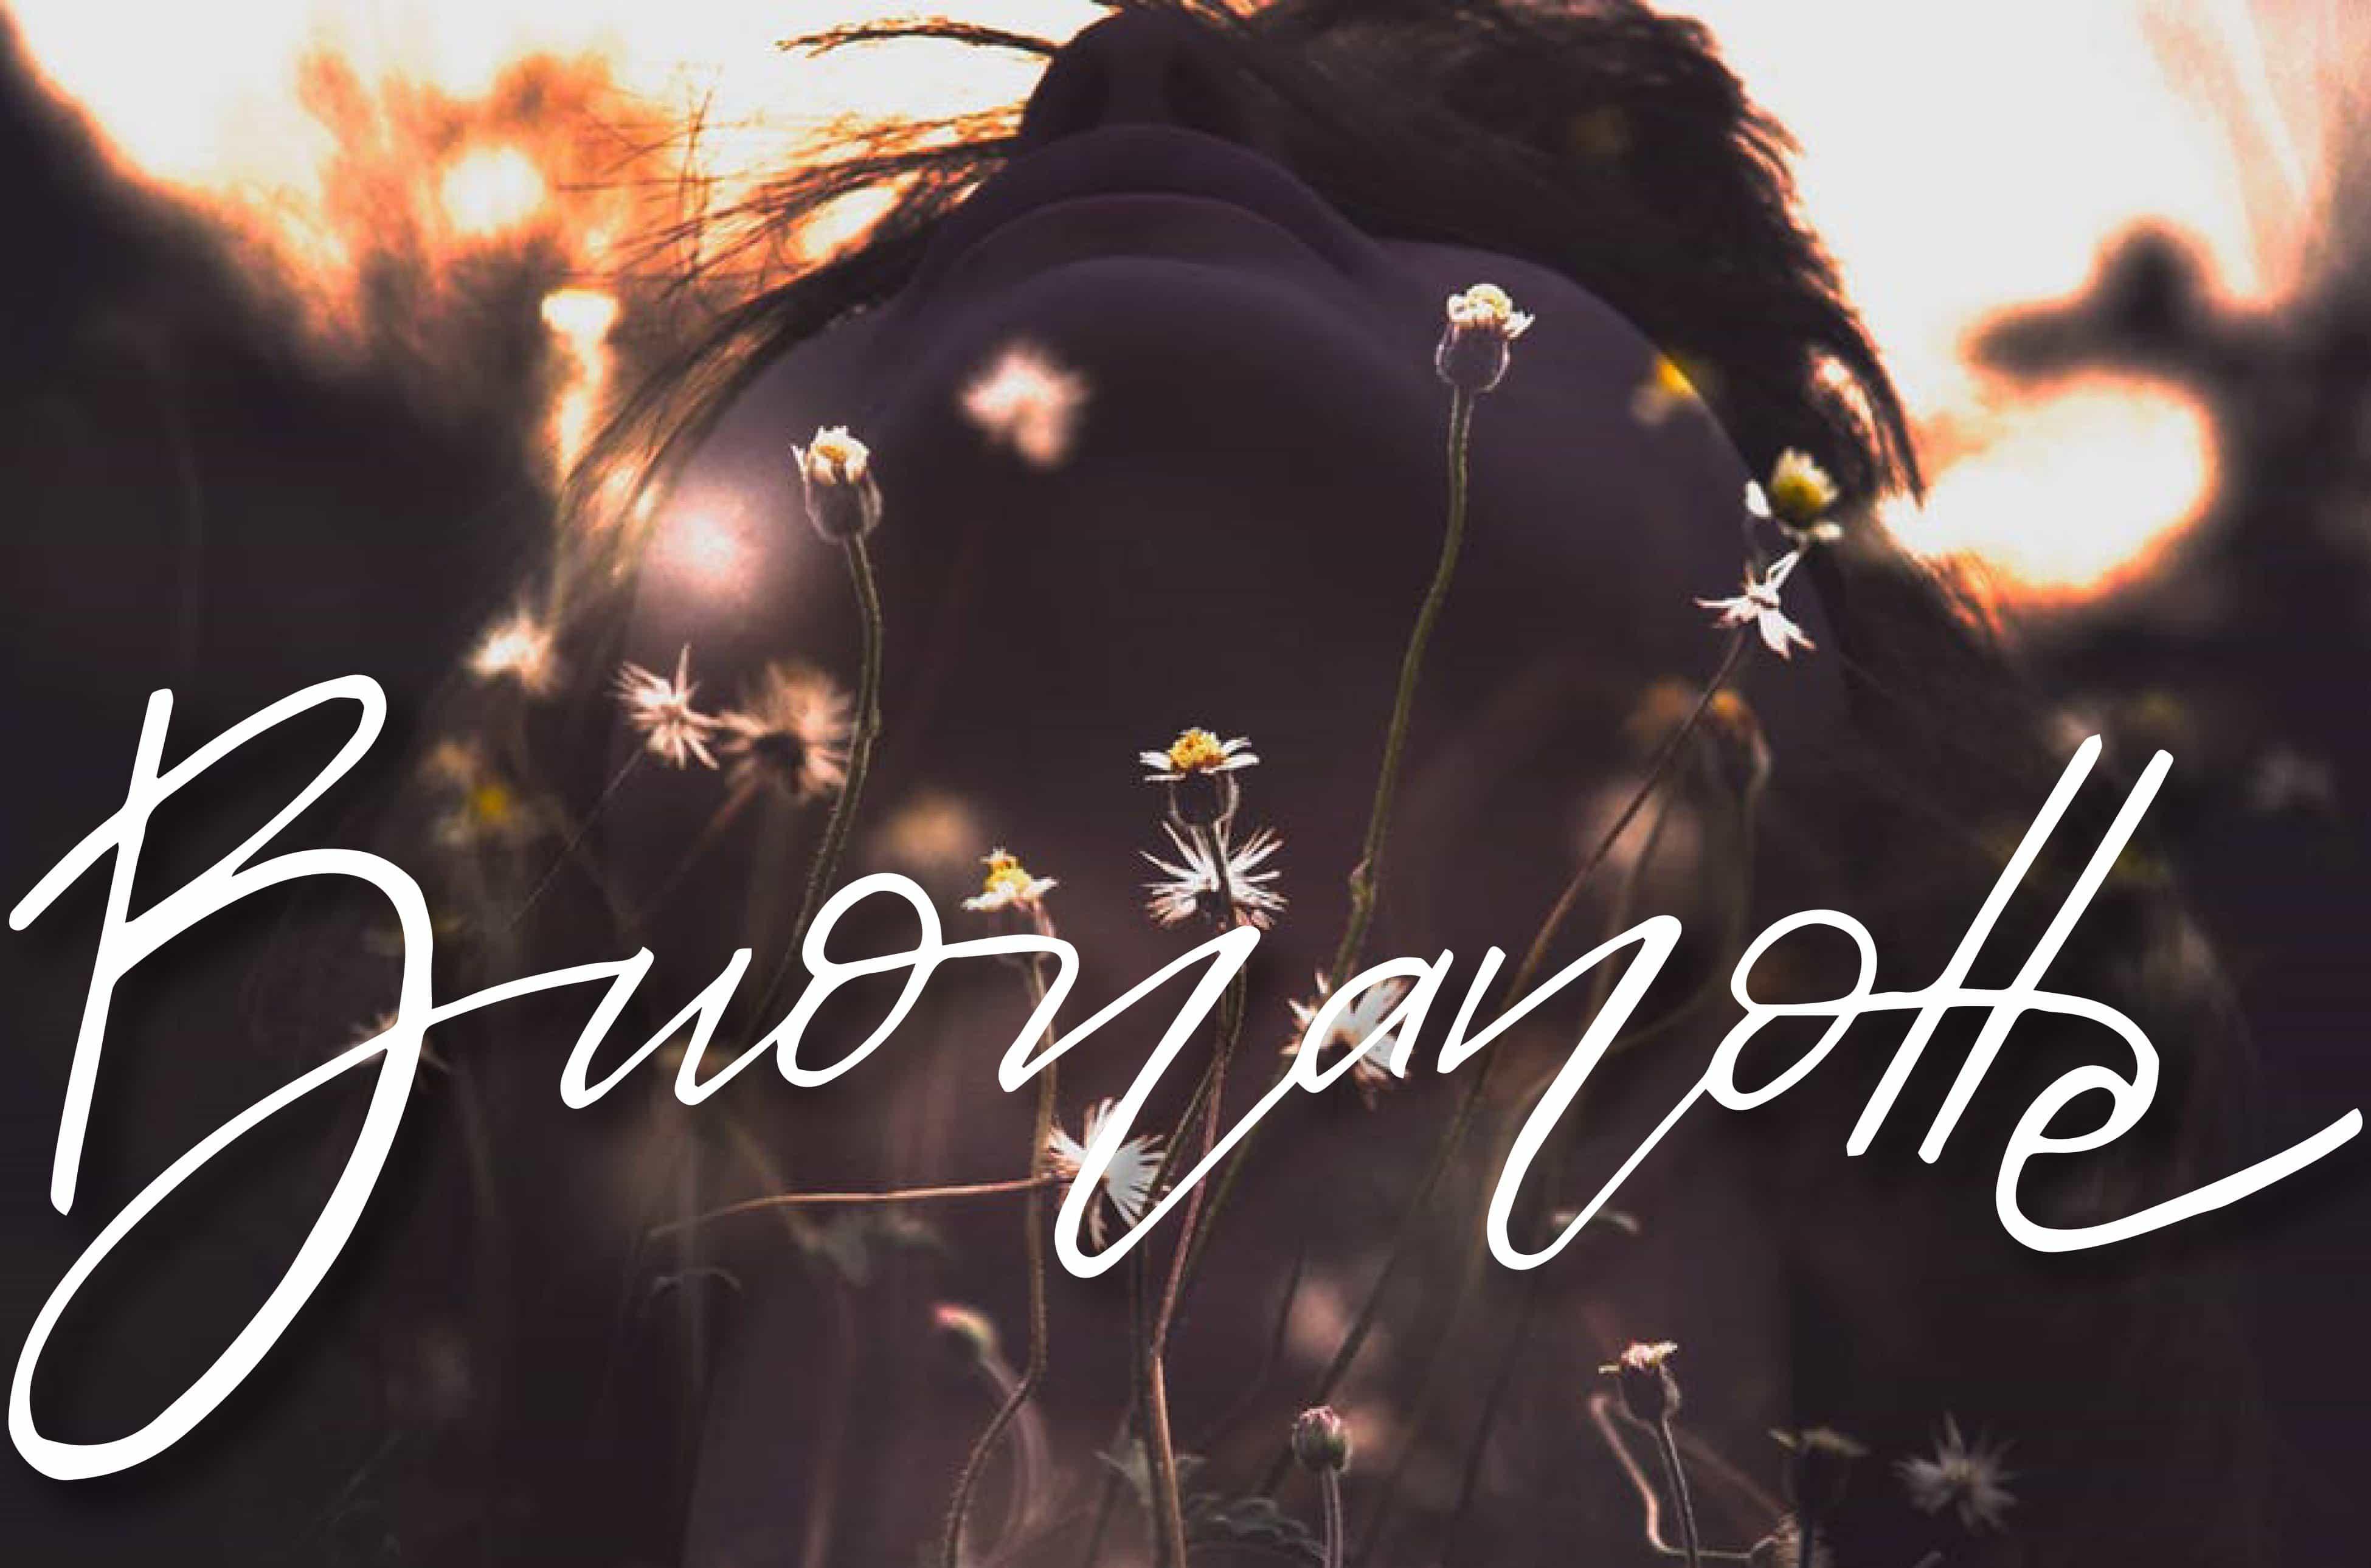 Buonanotte foto con i fiori gratis